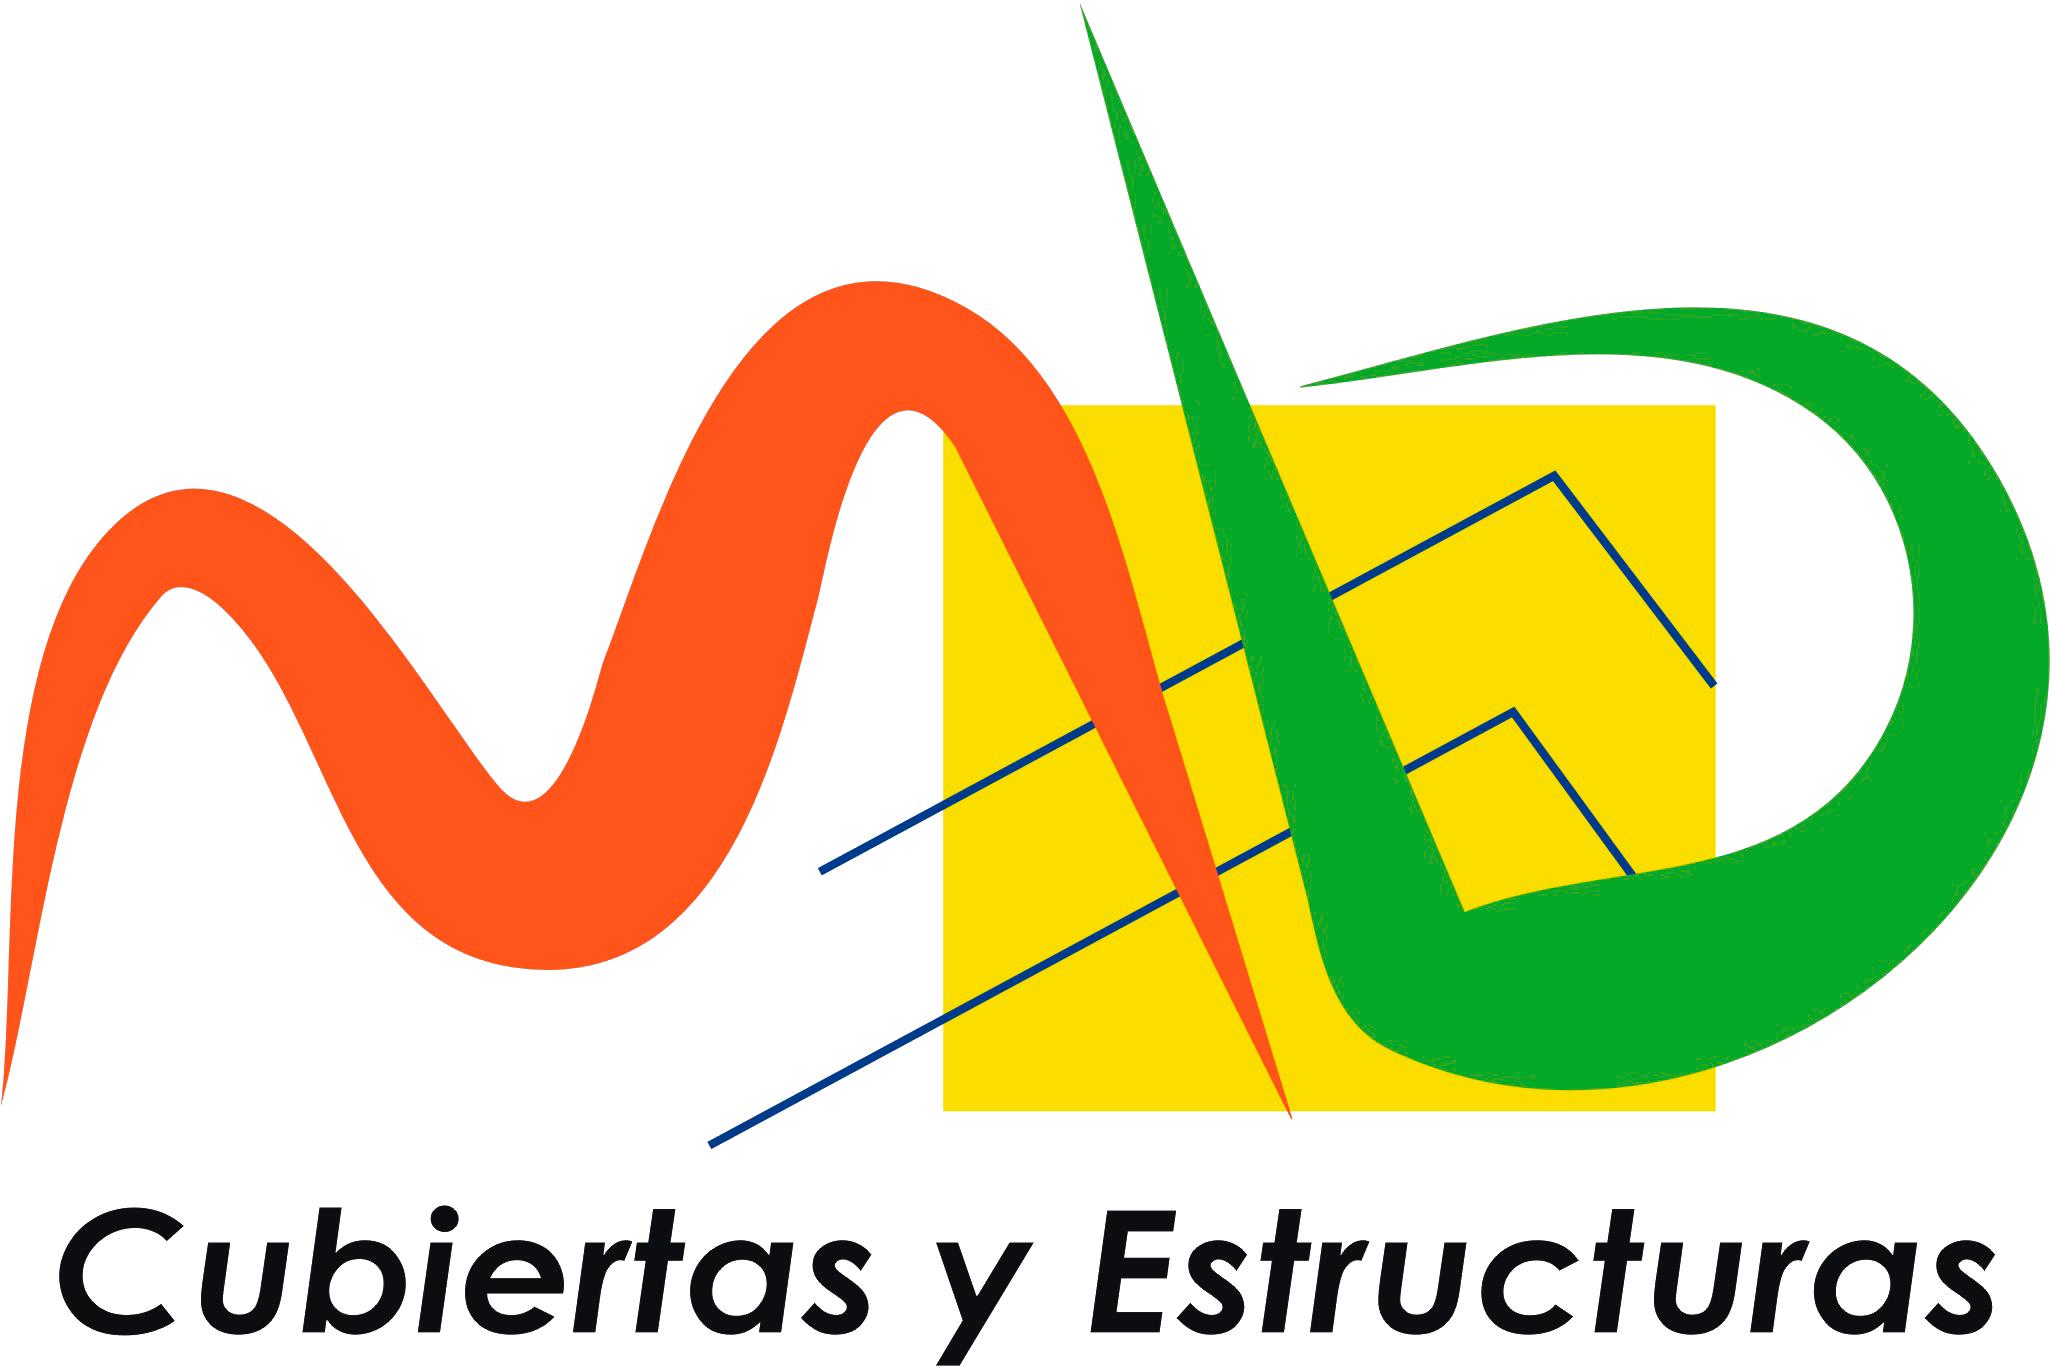 Mb Cubiertas y Estructuras